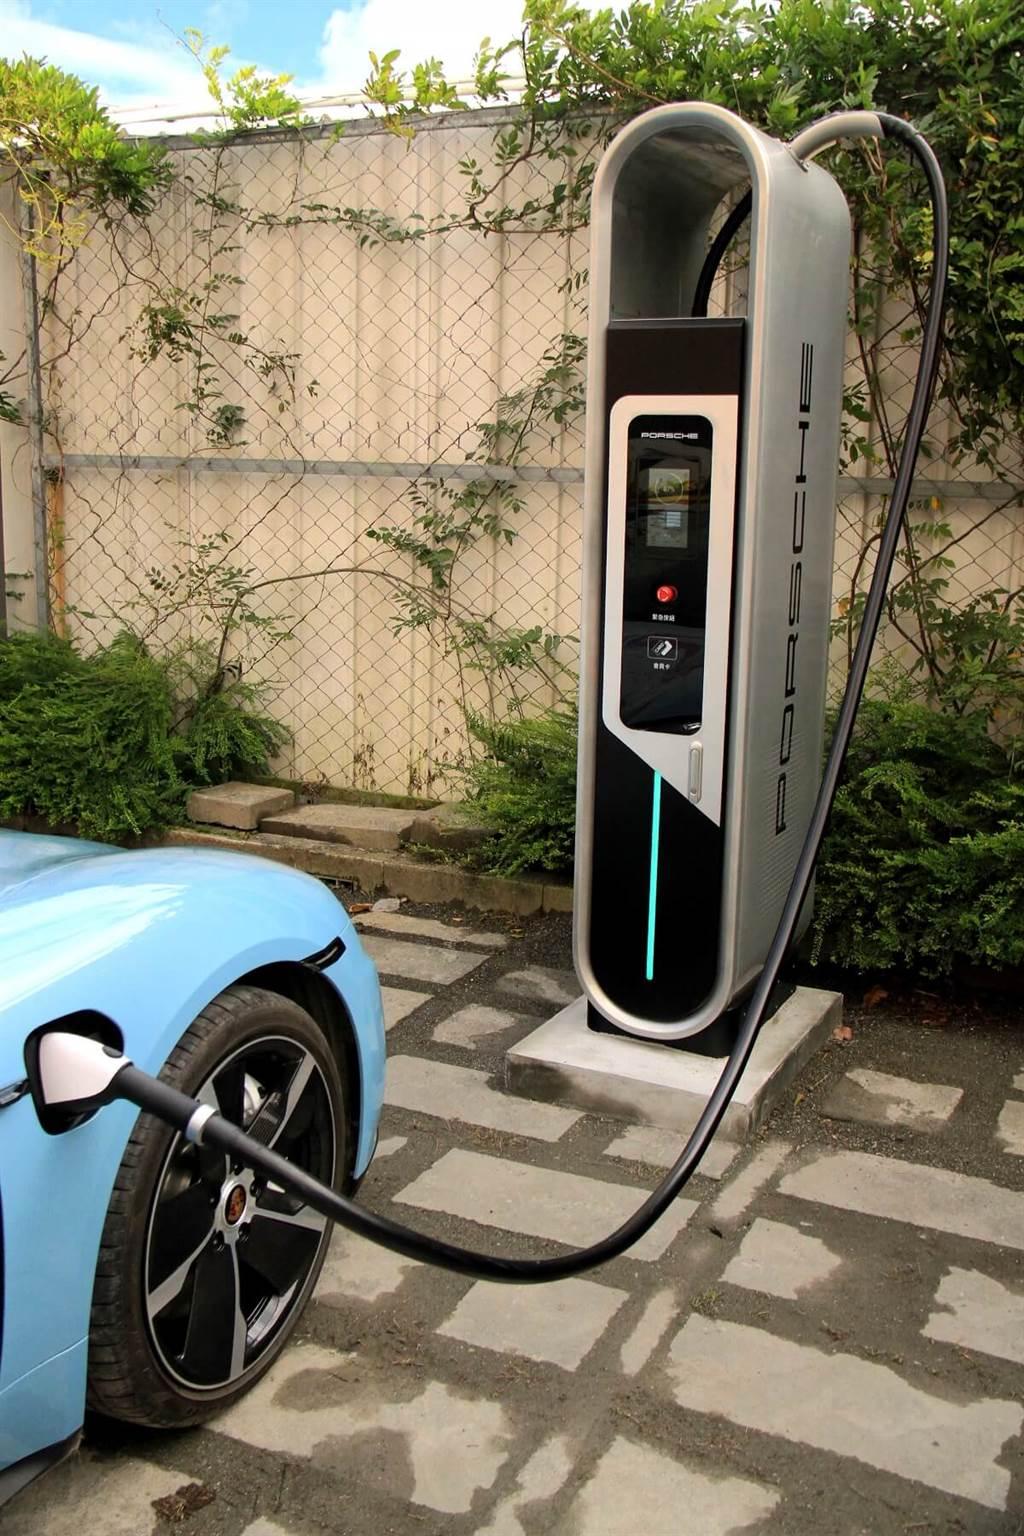 針對台灣市場Porsche Taycan產品規格支援Type 1(美規)AC交流電充電,與CCS1規格DC直流電快速充電,目前與全國超過1,500座公共交流電充電設施相容;台灣保時捷同時根據品牌消費客群生活形態佈建Destination Charging目的地充電網,預計於2020年底在全台50個地點完成設置100支充電樁,地點包含高爾夫球場、高級渡假酒店…等,而2021年的目標:直流快充站將從現在的15座增加至50座;全台灣Porsche的充電站總數也將達到100座。